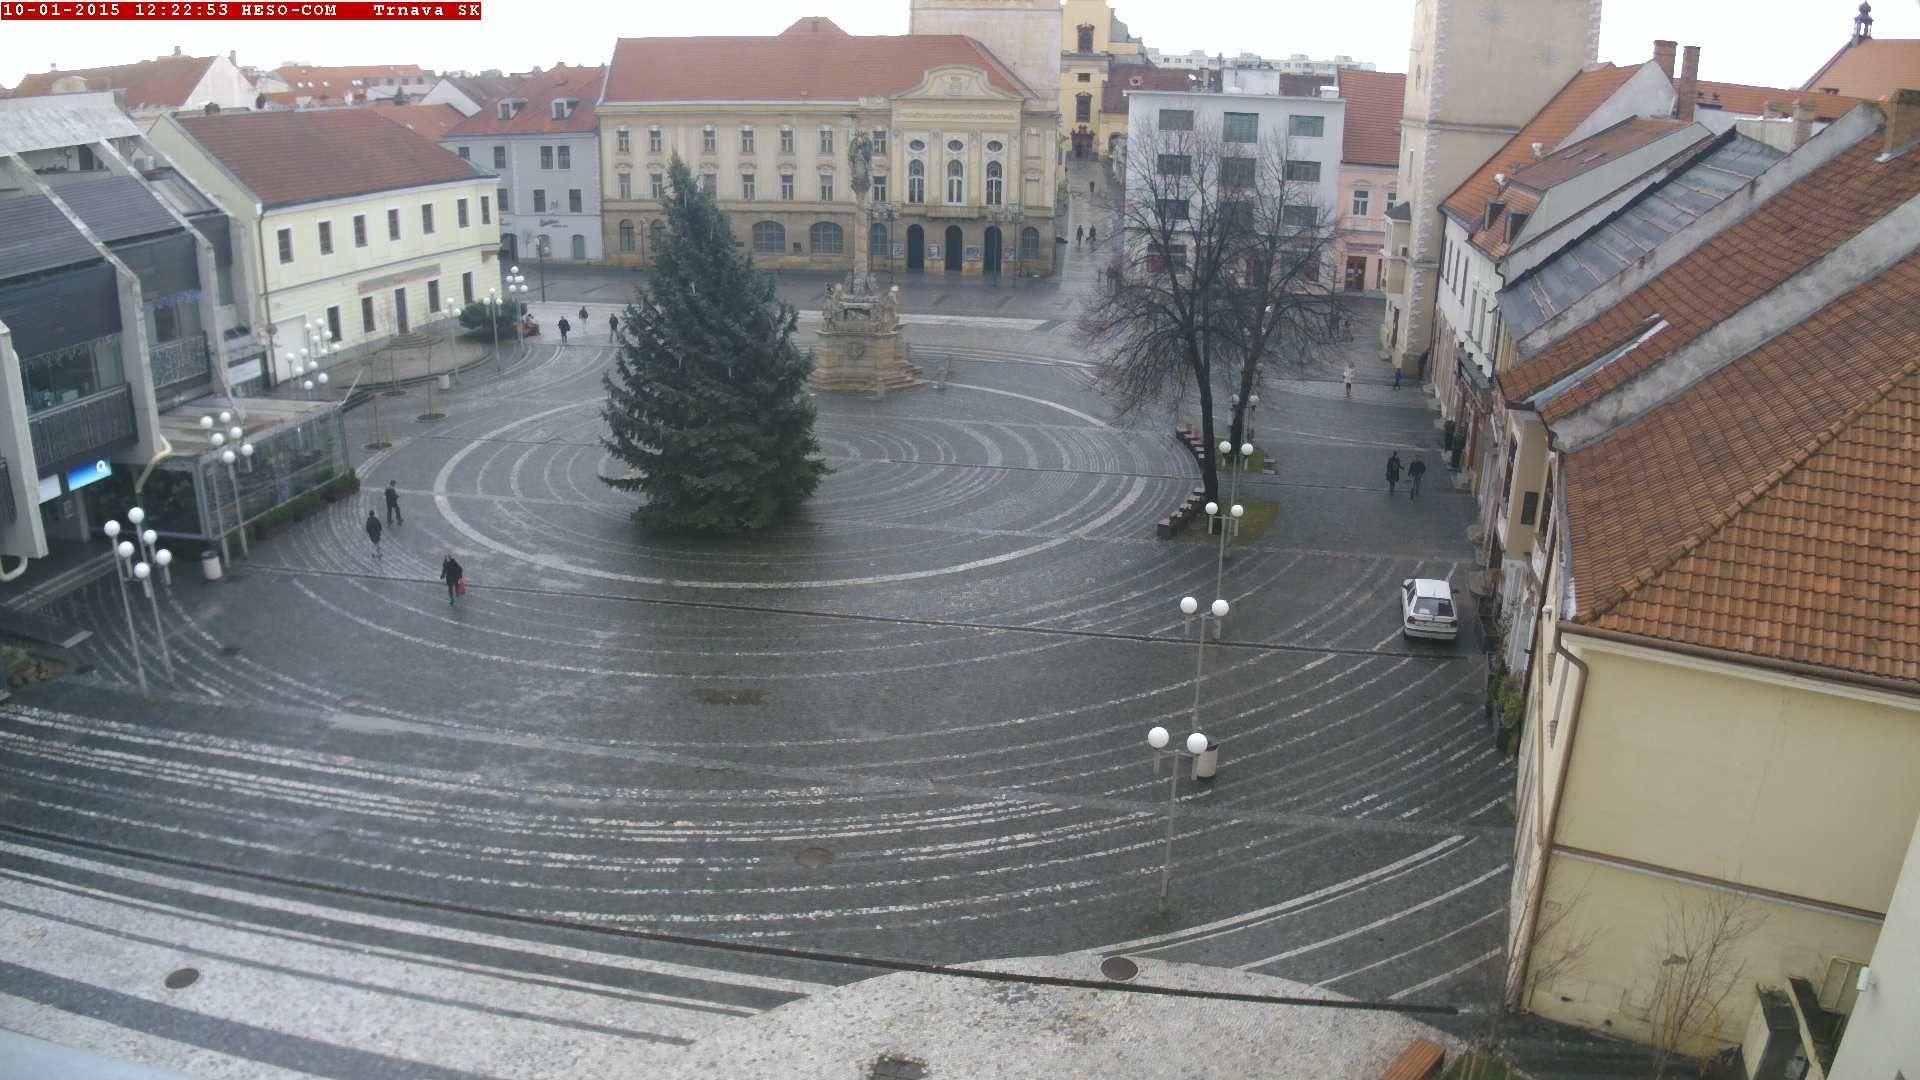 Trnava - Slovakia Live webcams City View Weather - Euro City Cam #Slovakia #Slovensko #webcam #niceview #travel #beautifulplace #street #view #cestovné #ulice #počasie #city